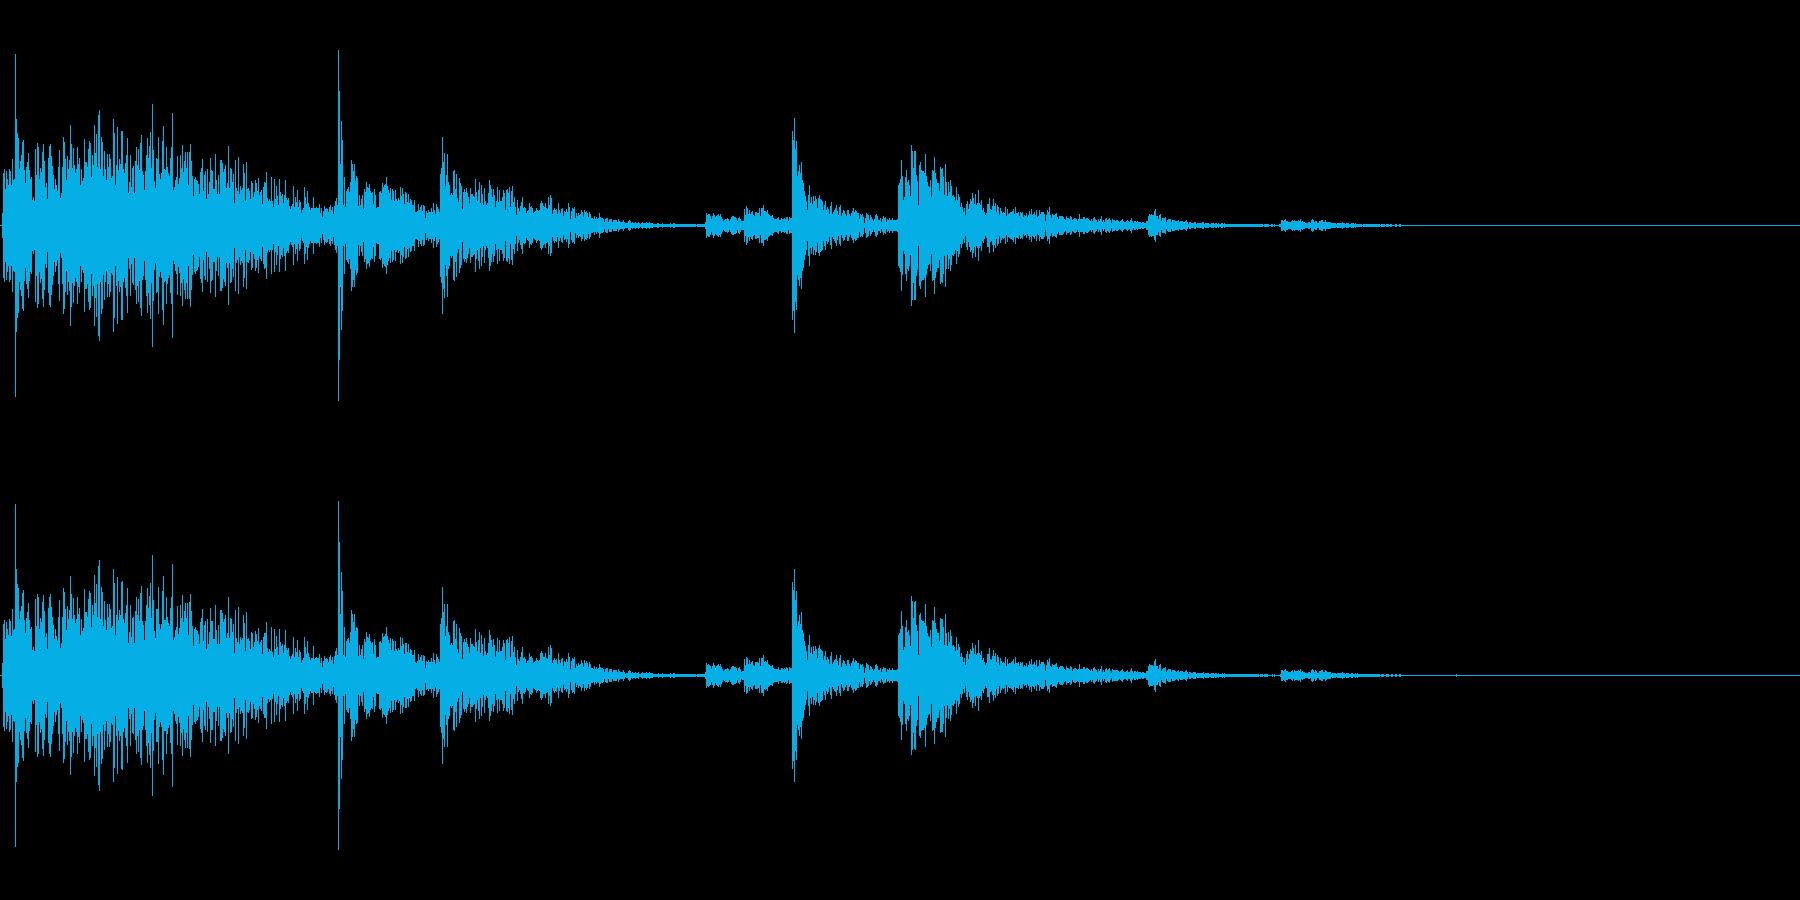 【生録音】鎖を軽く引っ張る音 1の再生済みの波形